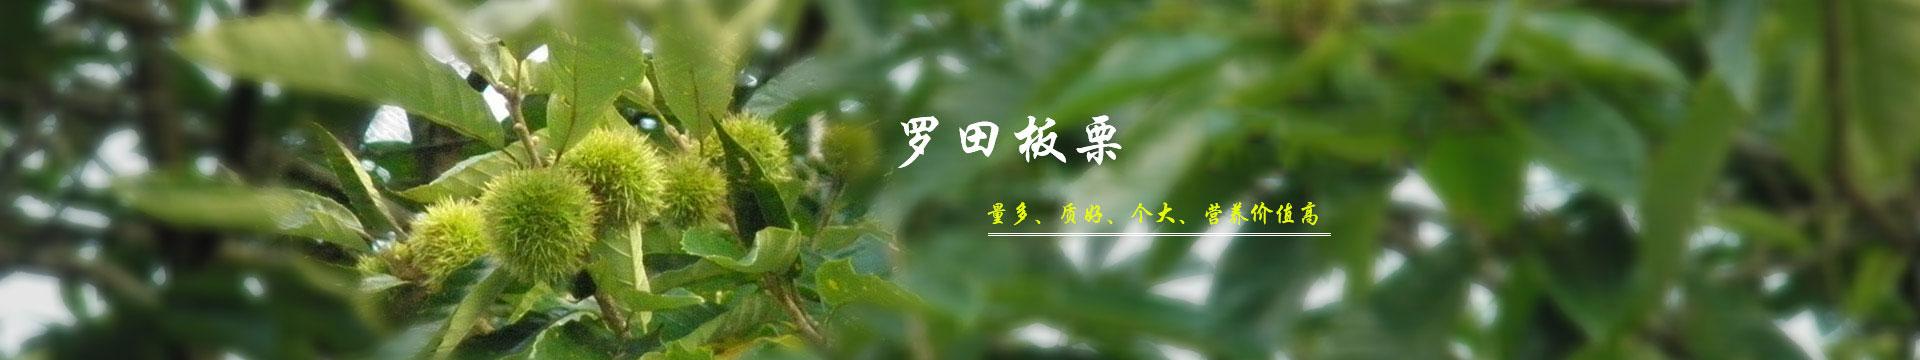 湖北板栗_板栗文化banner